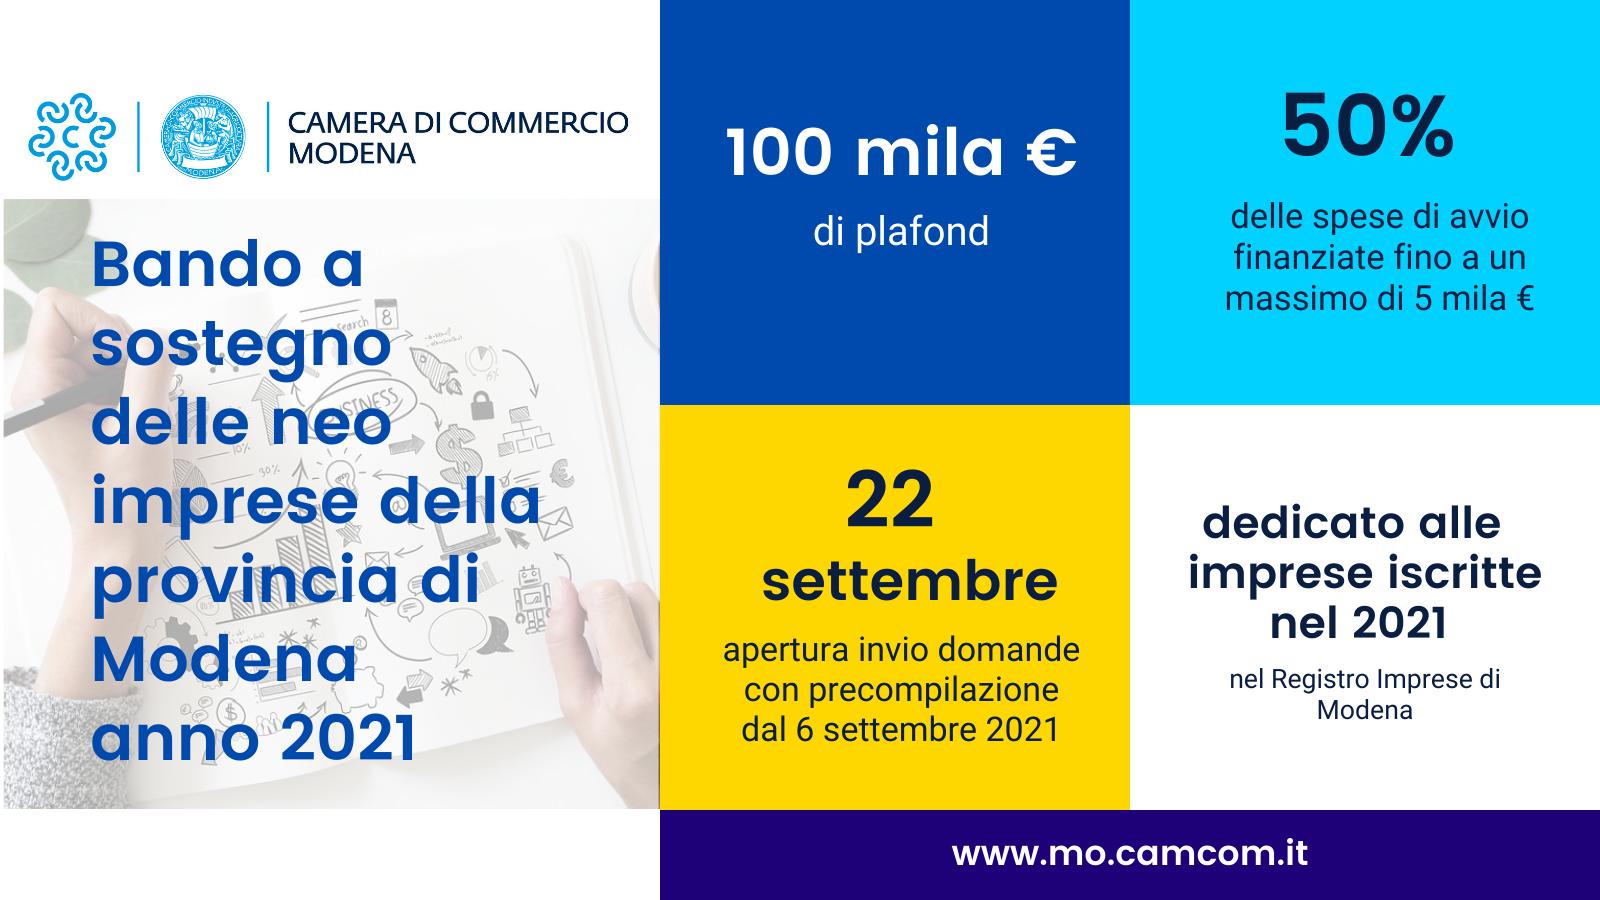 """Al via il """"Bando a sostegno delle neo-imprese modenesi – Anno 2021"""" – Comunicato stampa da Camera di Commercio di Modena"""